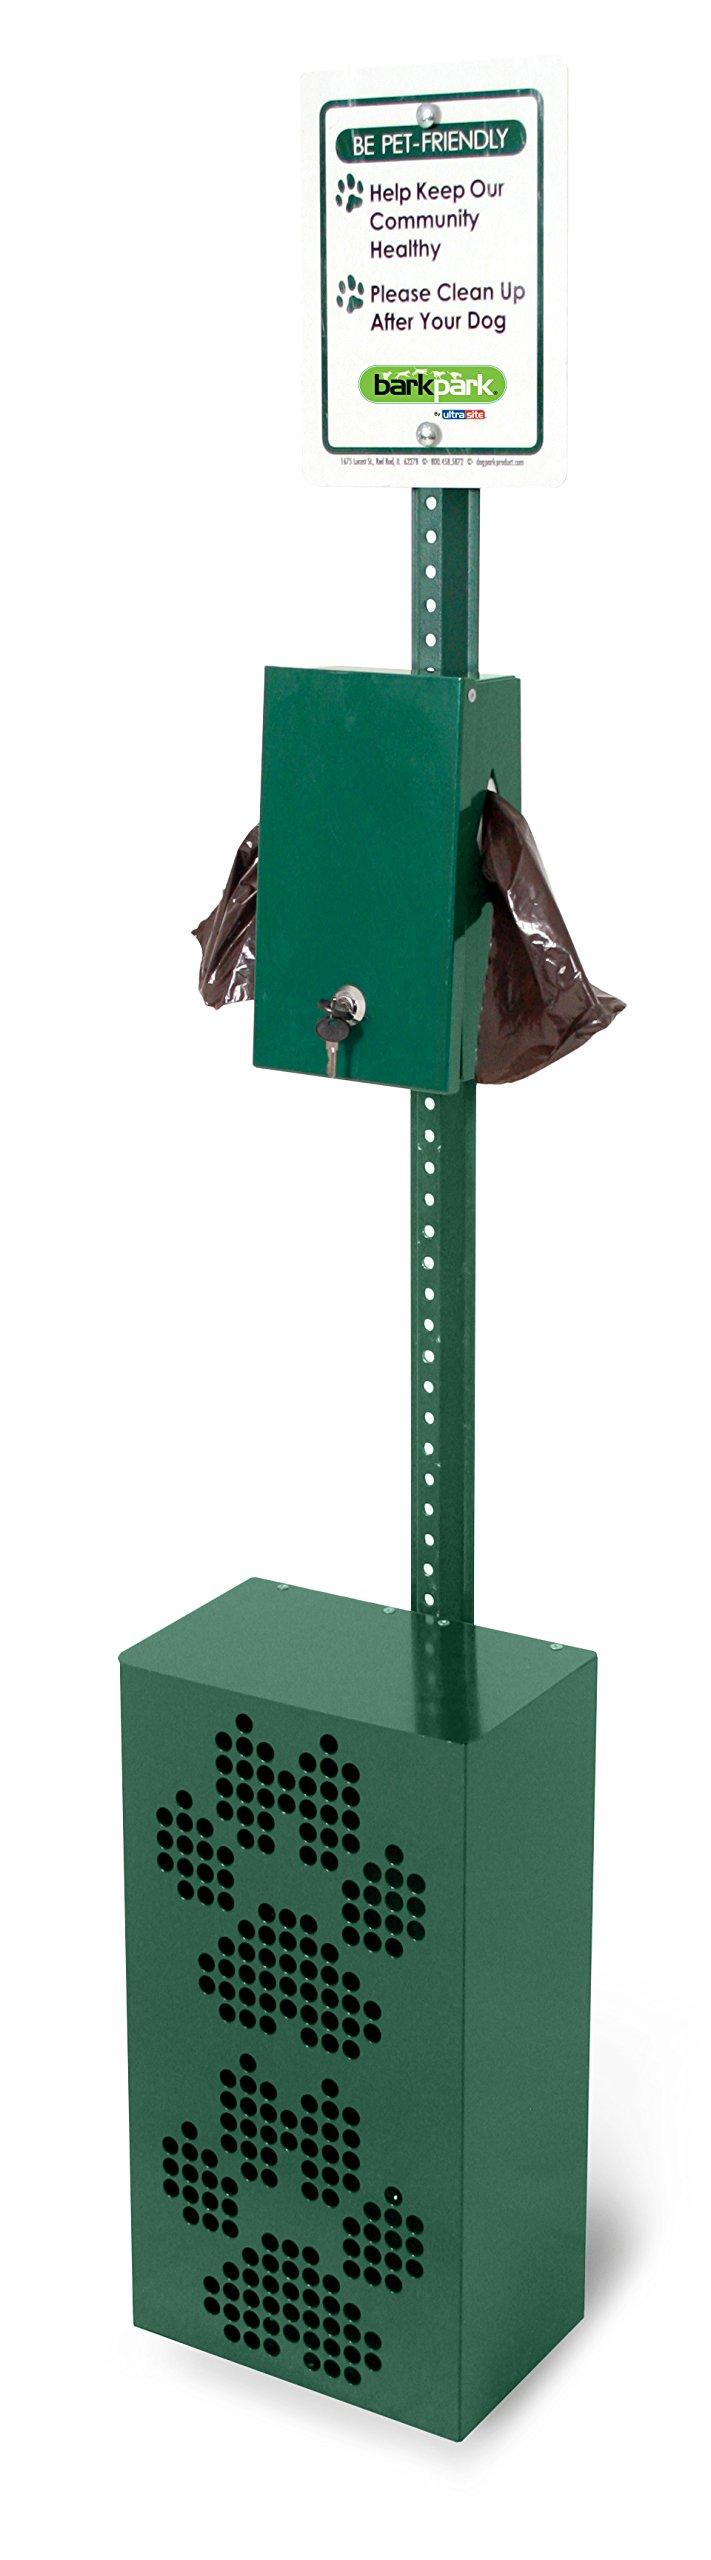 BarkPark Pet Waste Receptacle Station with Locking Bag Dispenser, Green